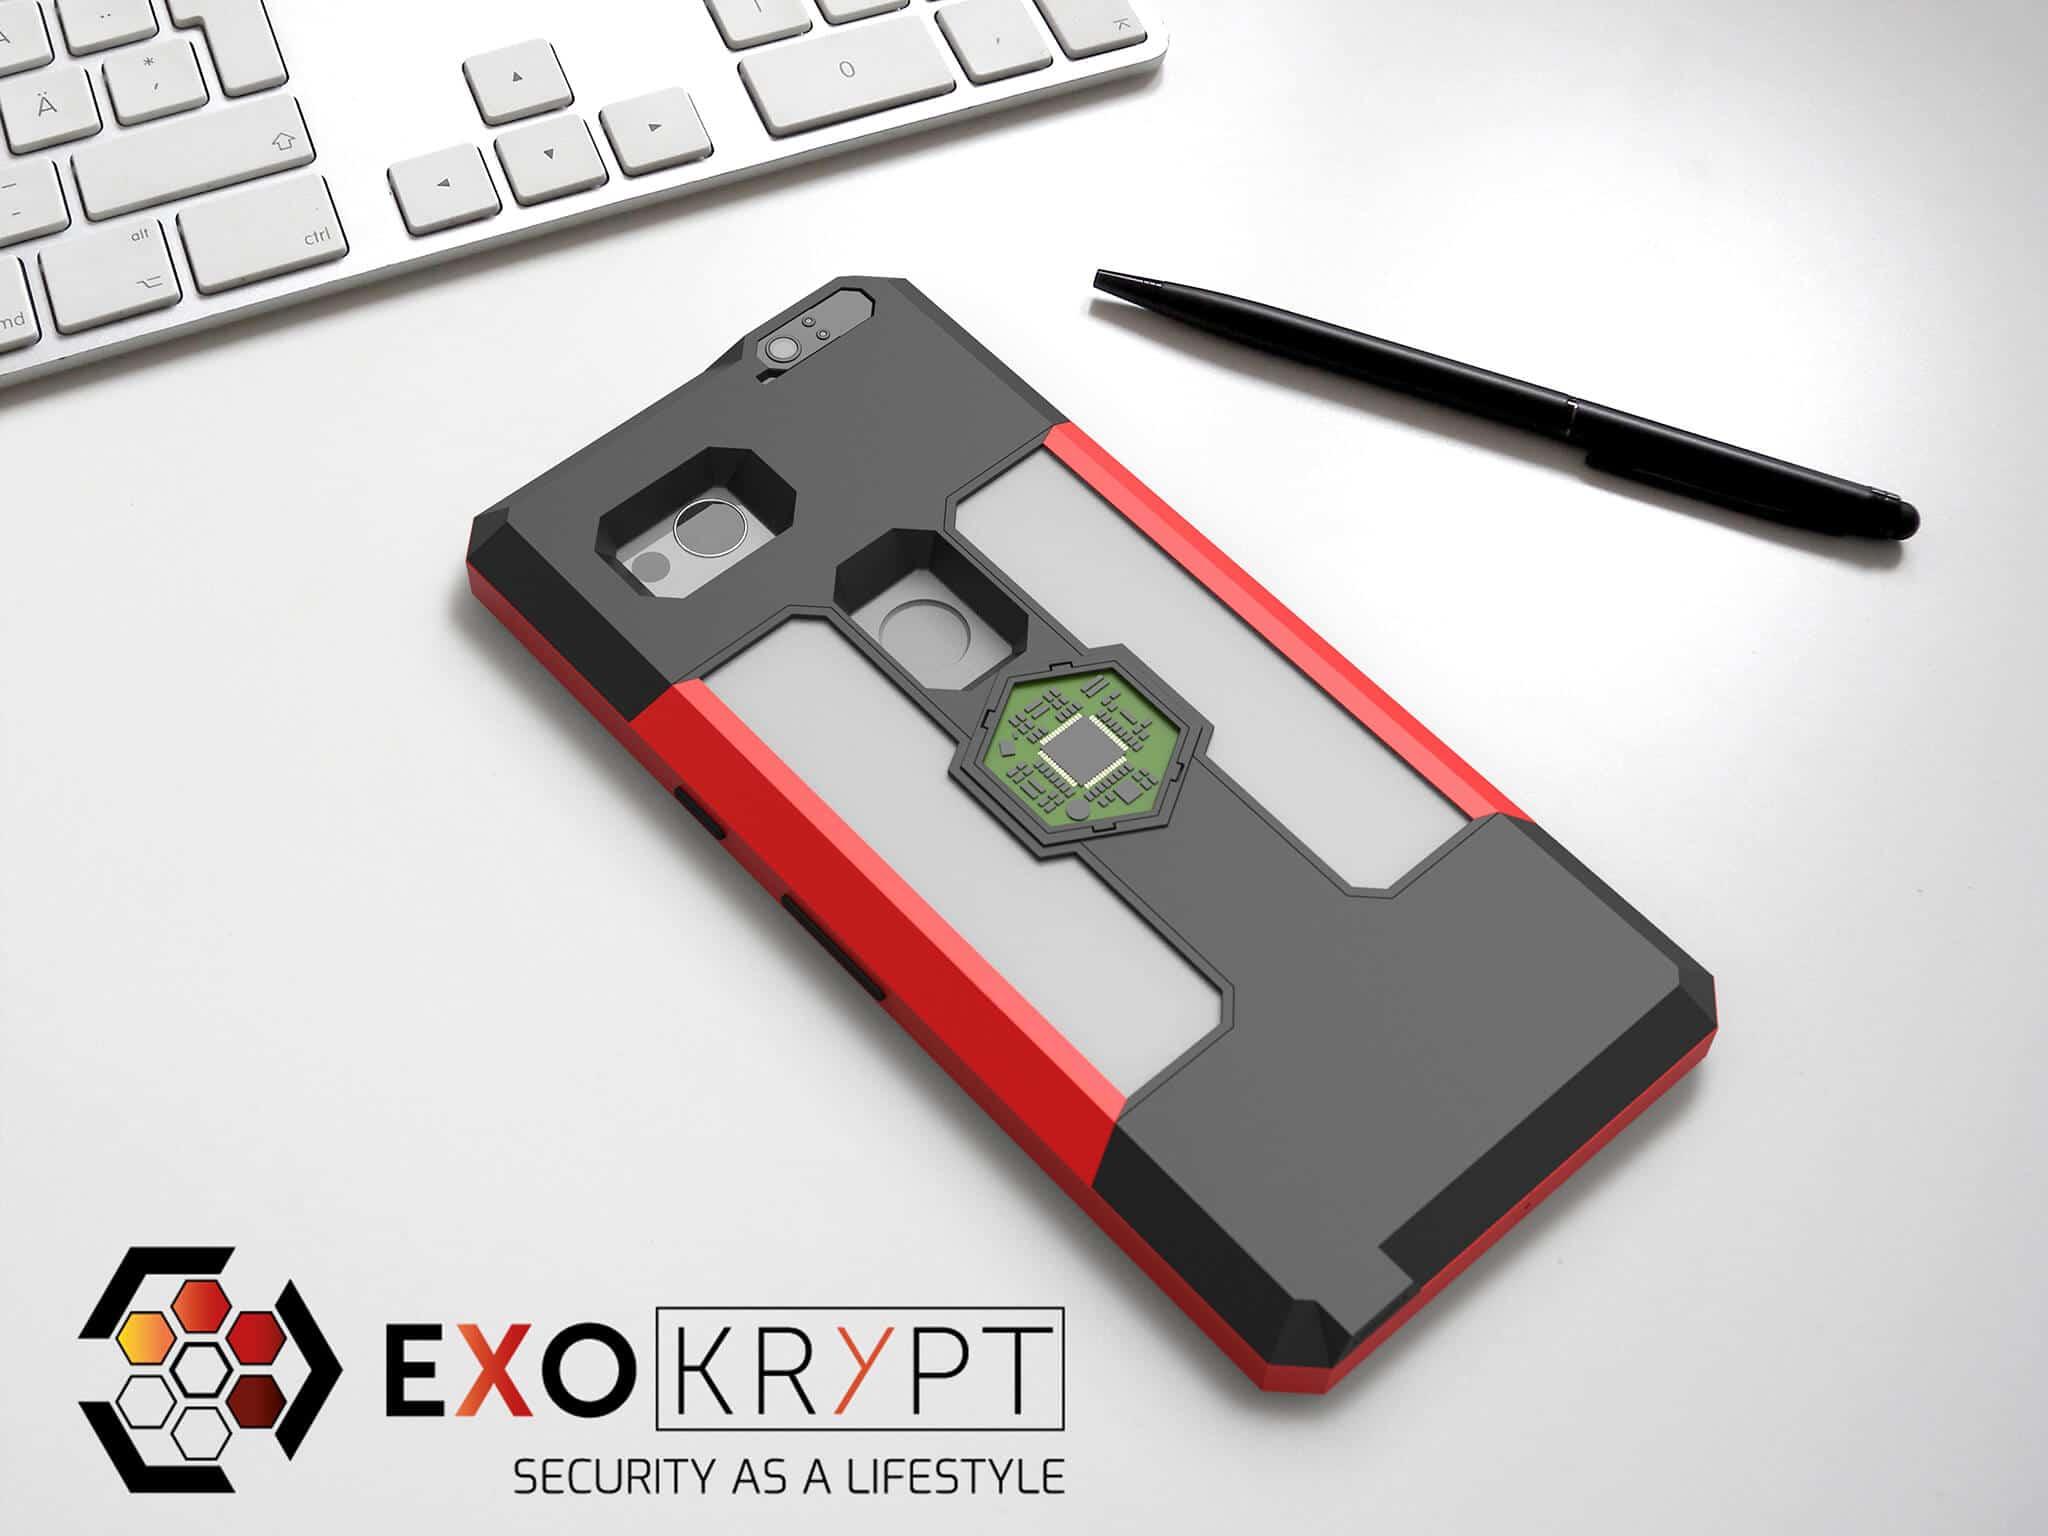 ExoShield BUSINESS Smartphone Case - Brushed Red Metal Frame - Graue Inlets auf einem Tisch auf einem Papierblatt liegend mit Kugelschreiber daneben, Mac Tastatur darüber